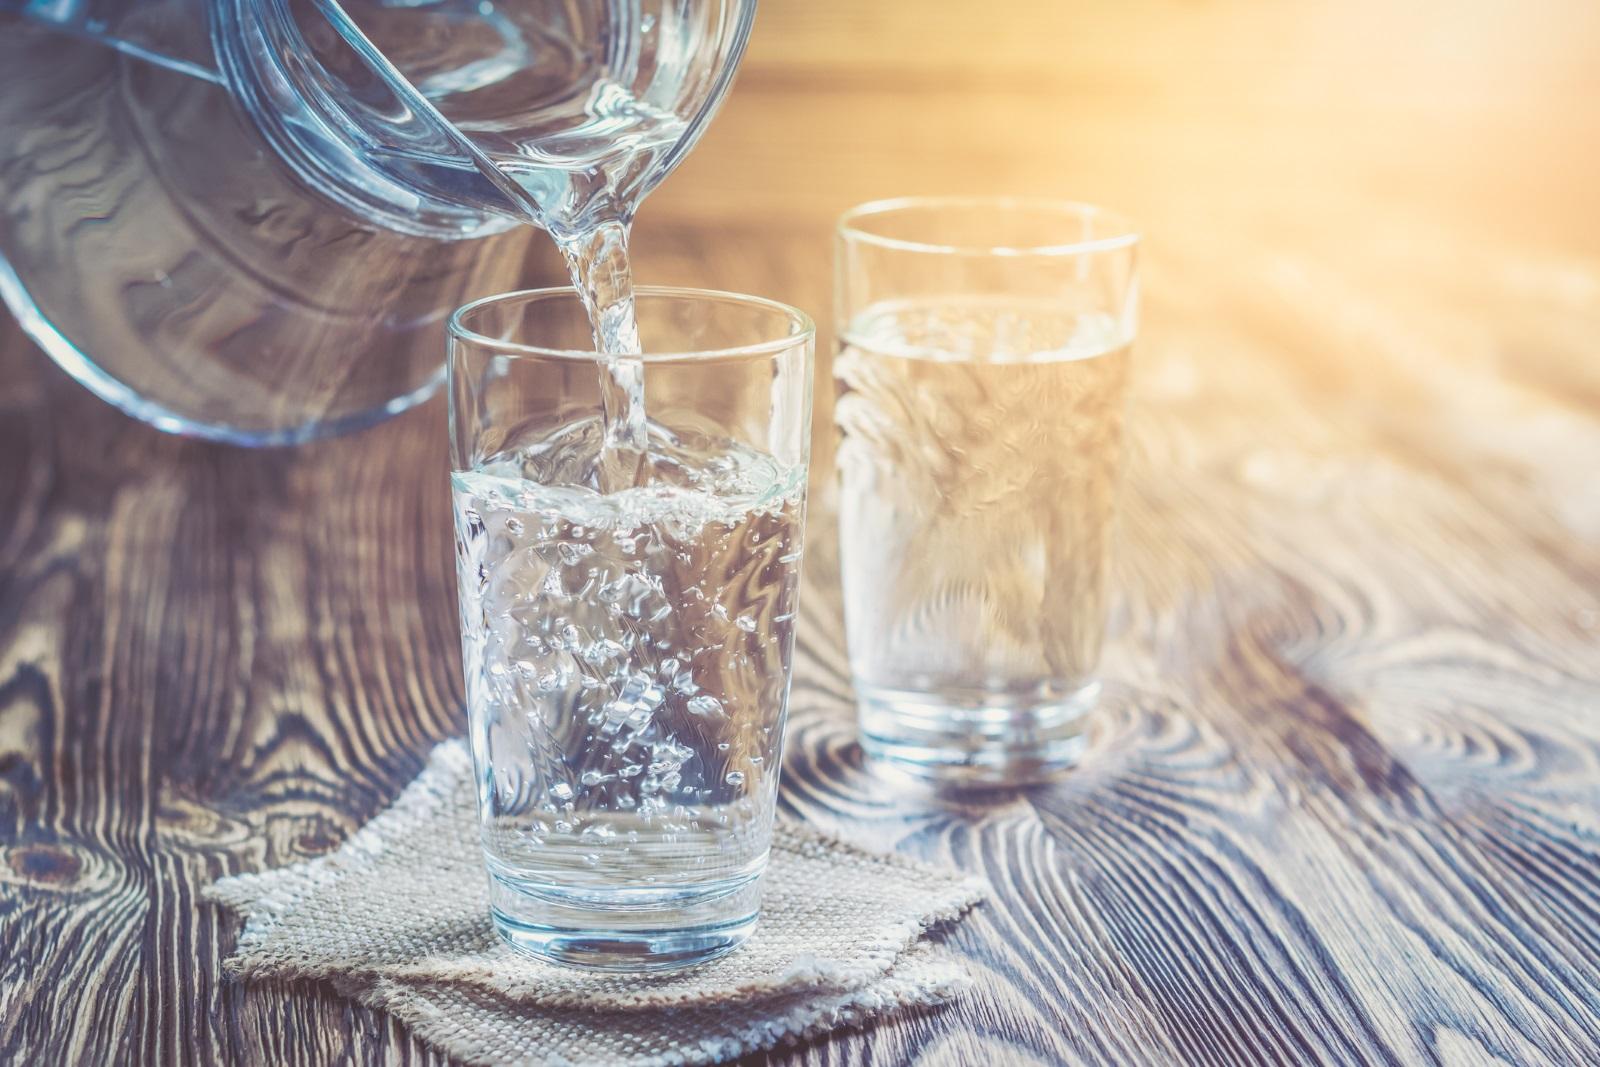 Редовното пиене на чаша топла вода е идеален начин да освободите тялото си от токсините.